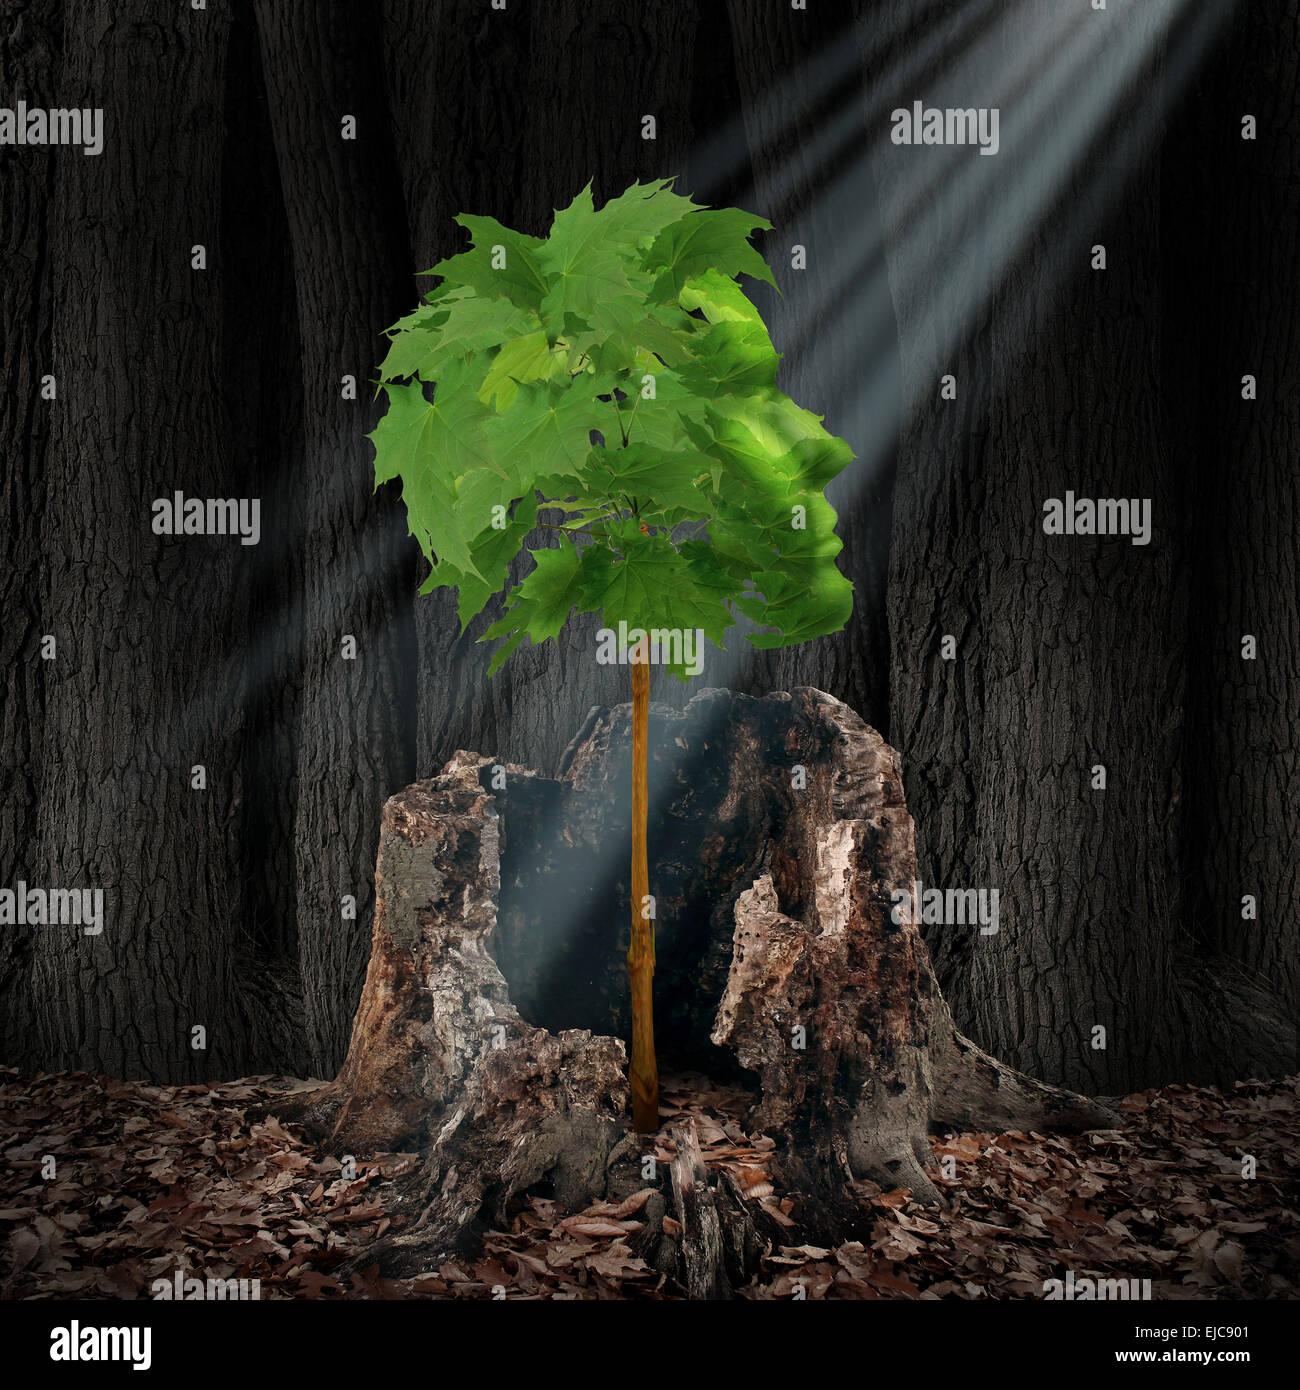 Concepto de recuperación y renovación de la vida como un árbol de hoja verde con forma de cabeza Imagen De Stock